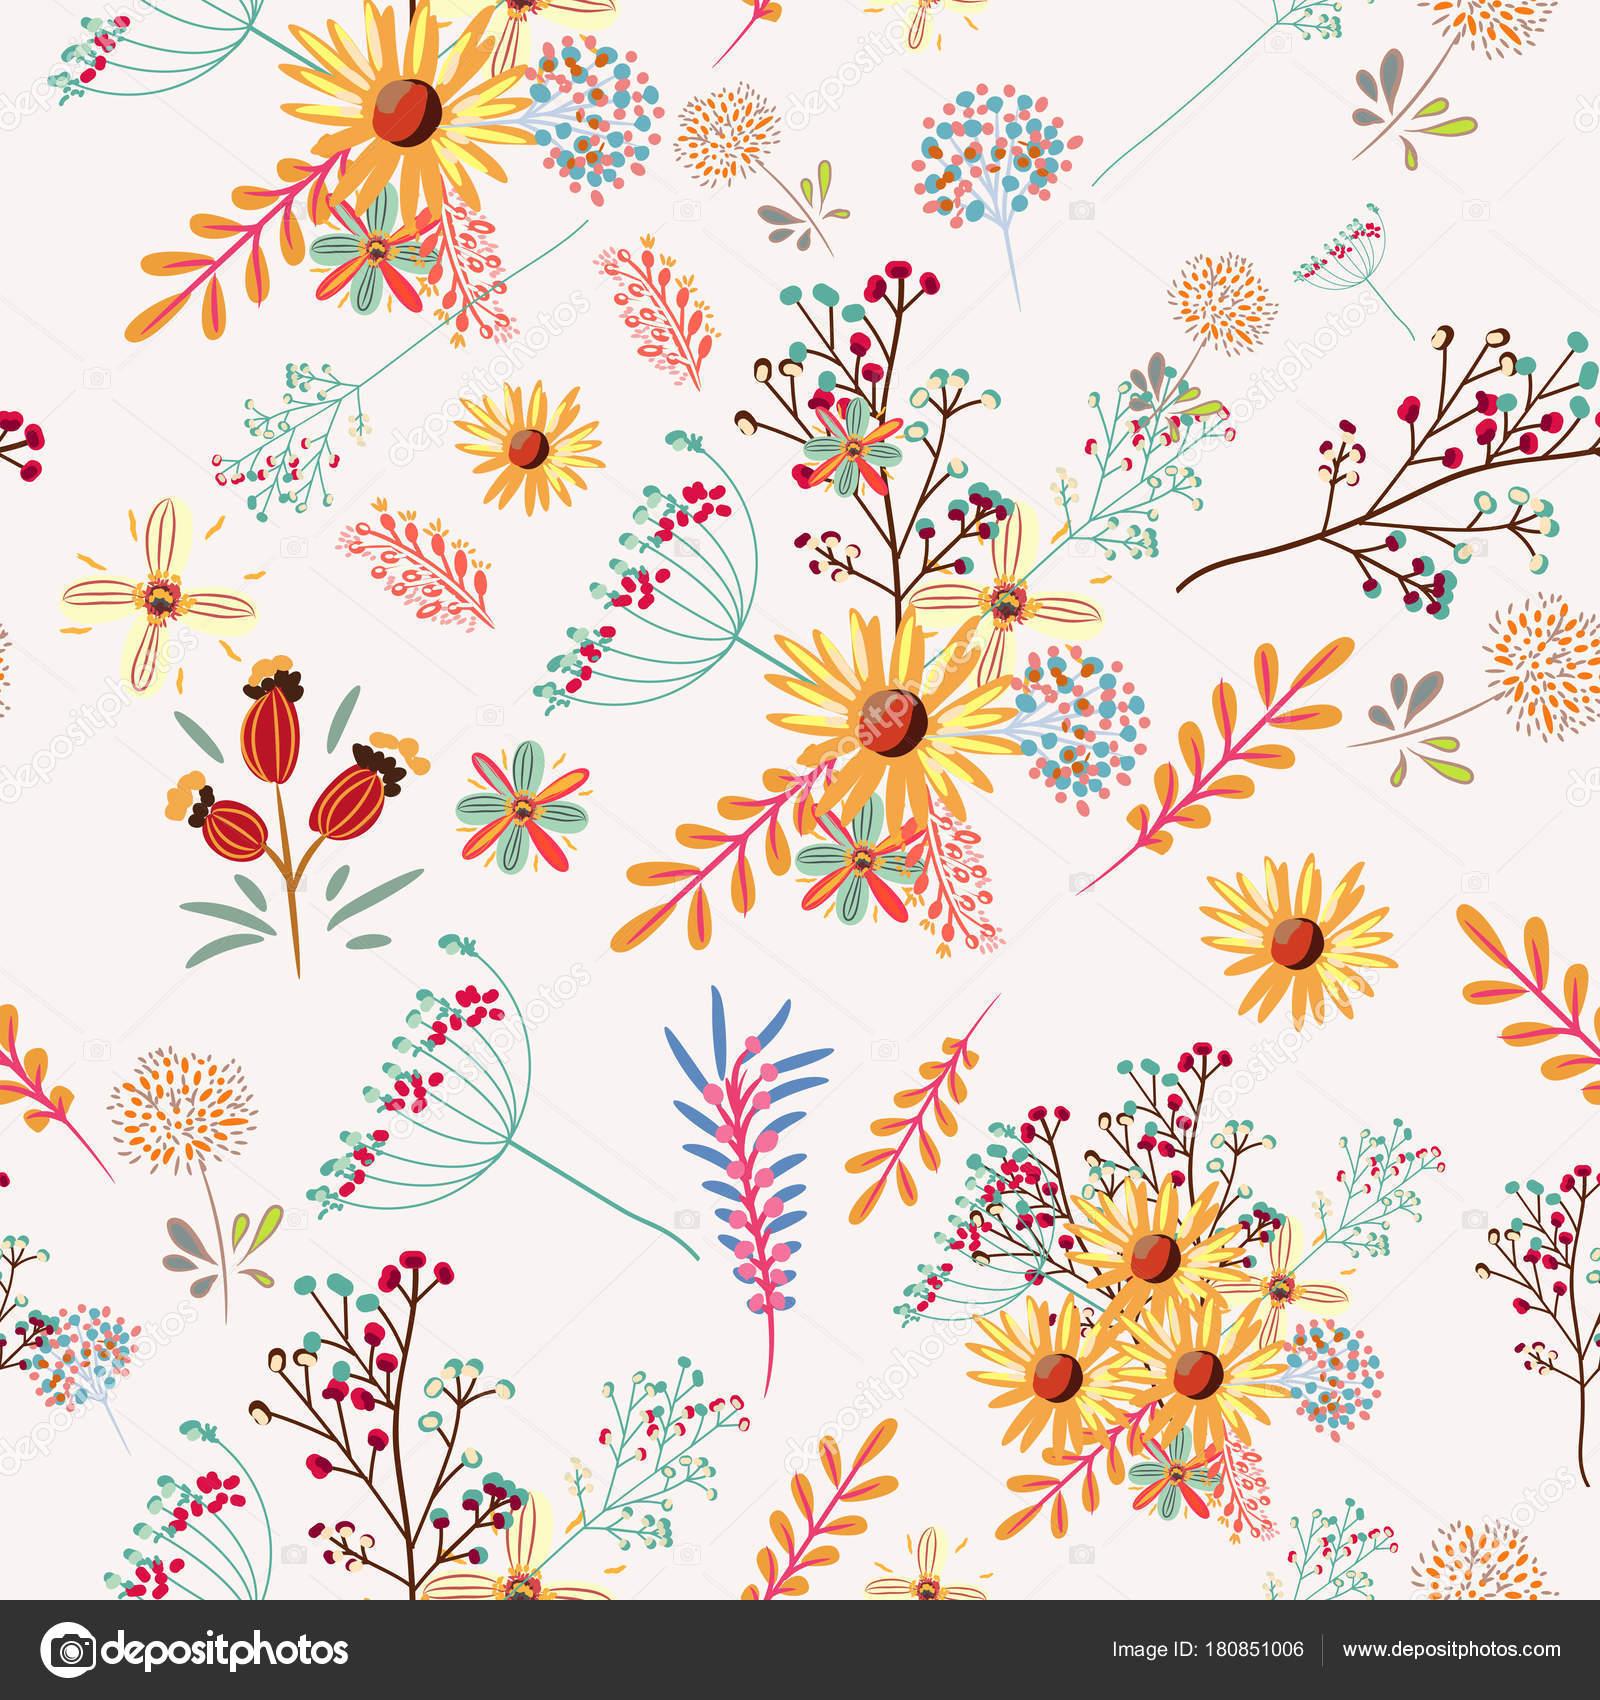 カラフルなパステル カラーのお花でかわいい花柄 — ストックベクター